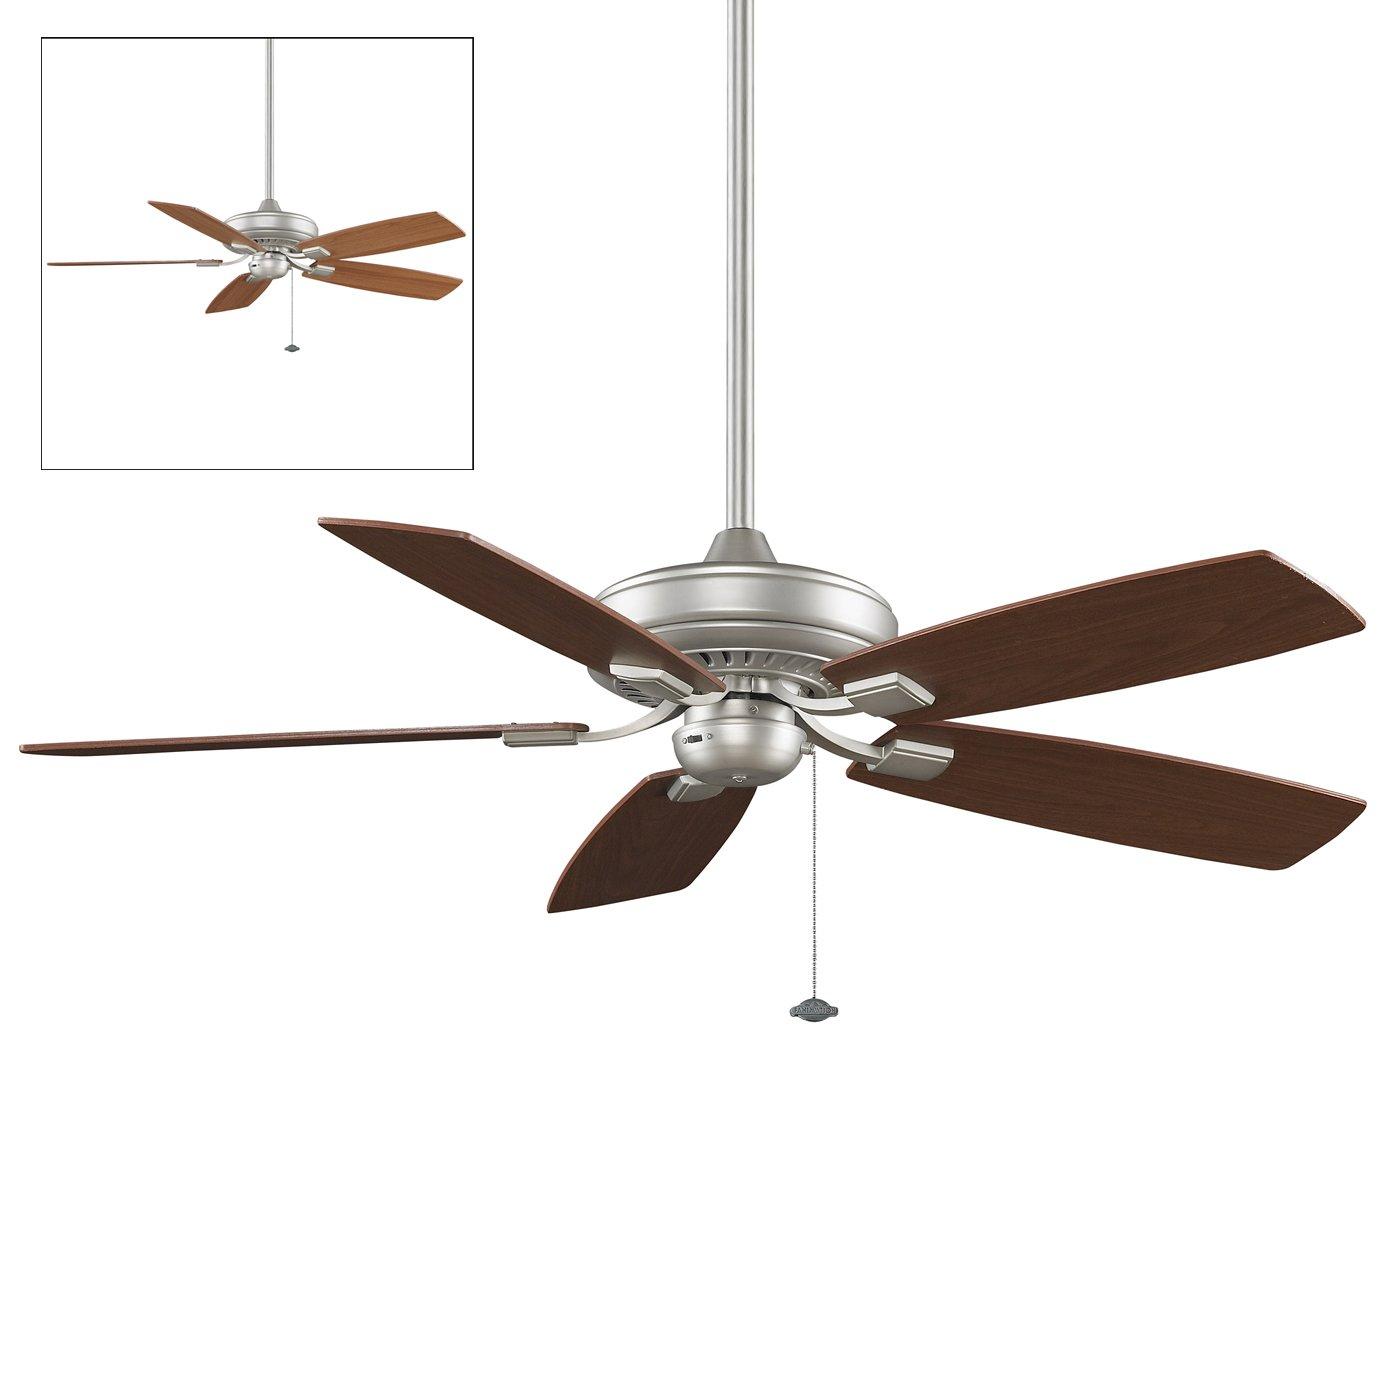 decorative ceiling fans photo - 1